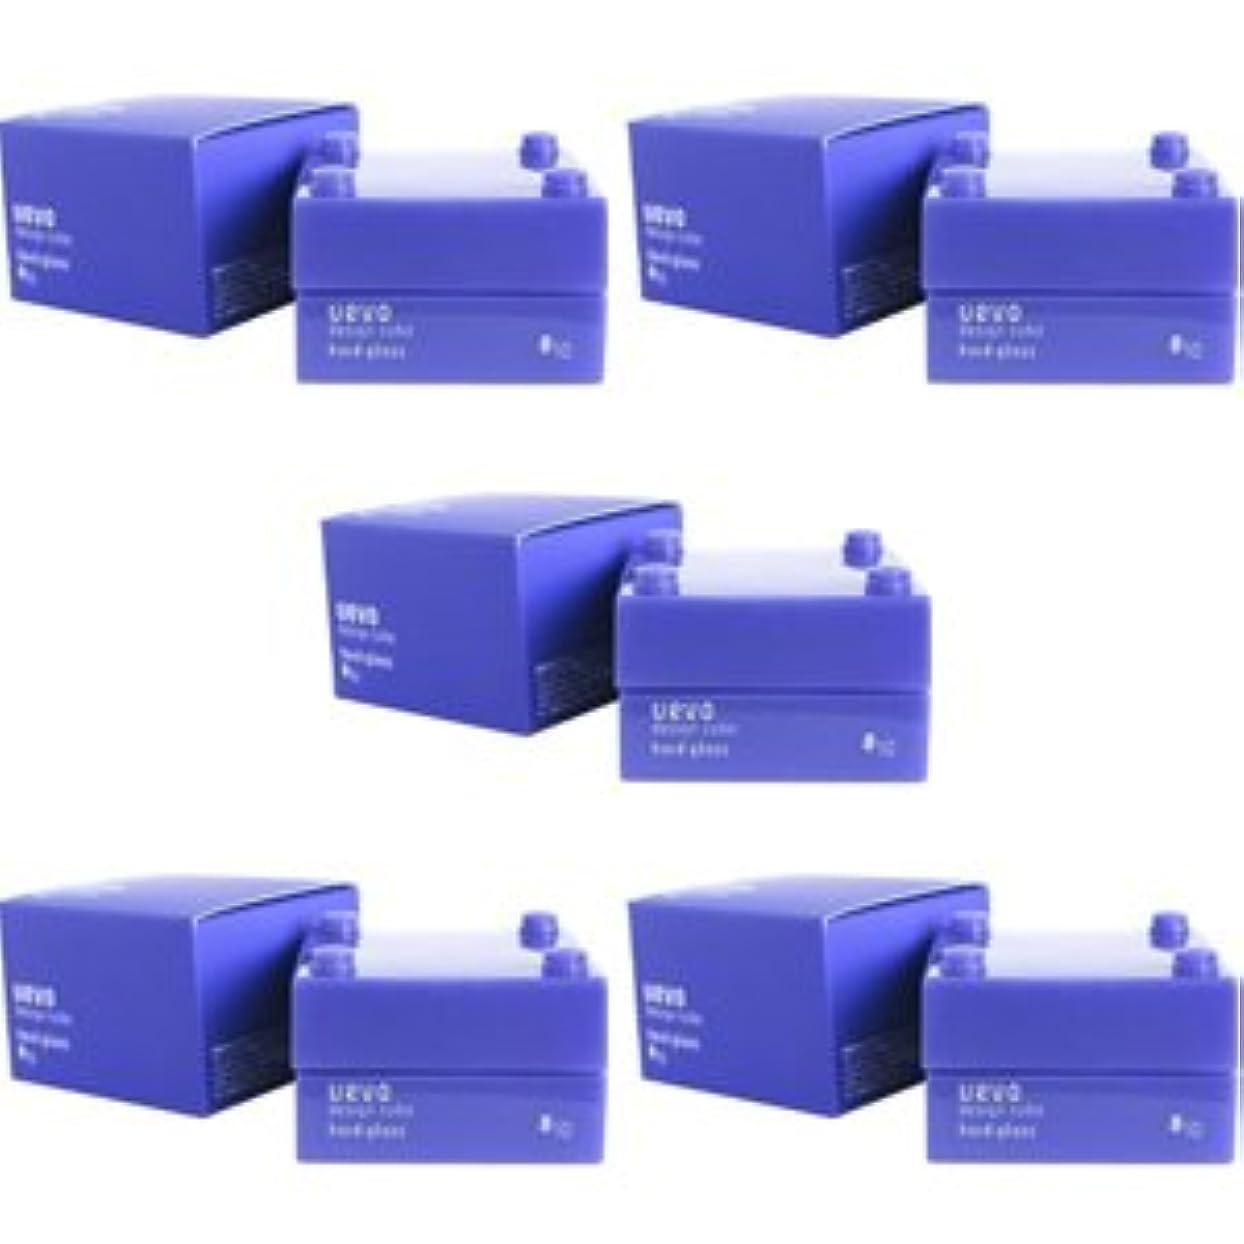 奪う手伝うバンド【X5個セット】 デミ ウェーボ デザインキューブ ハードグロス 30g hard gloss DEMI uevo design cube